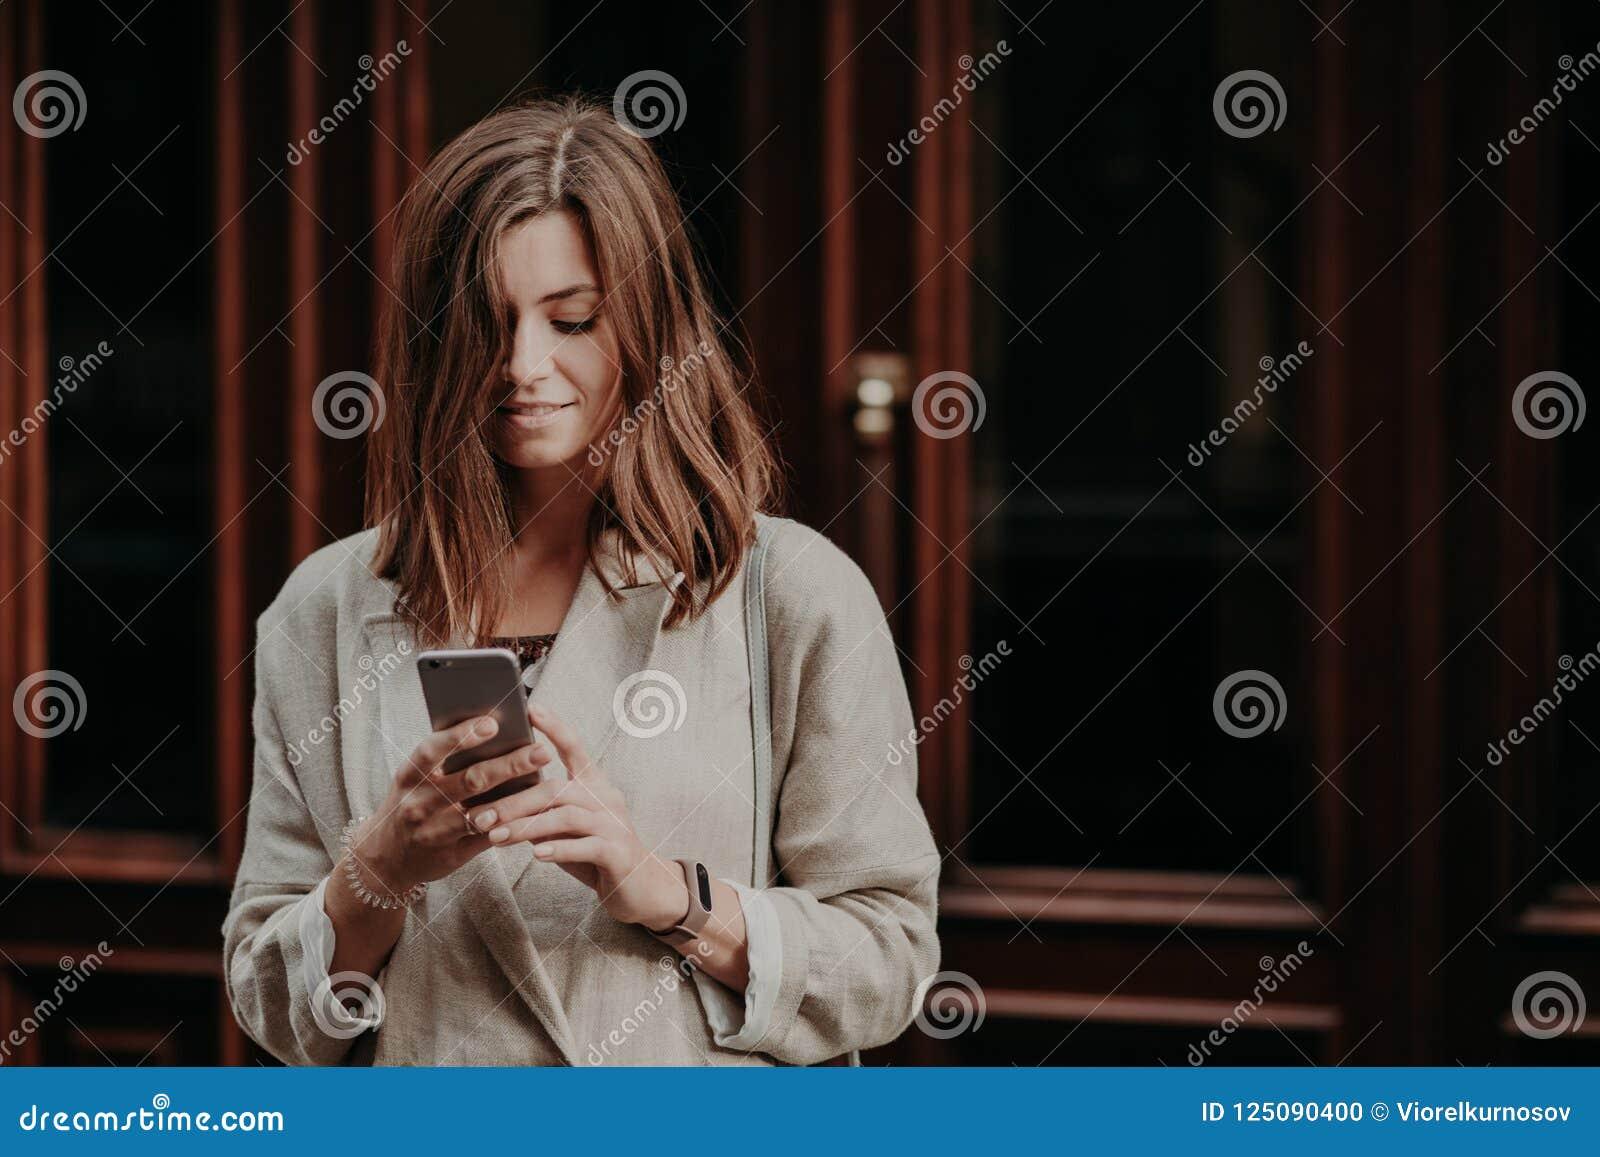 Ο ευτυχής ευχαριστημένος θηλυκός νεαρός προσέχει το βίντεο στο έξυπνο τηλέφωνο, διαβάζει την τραπεζική ανακοίνωση, που ντύνεται σ